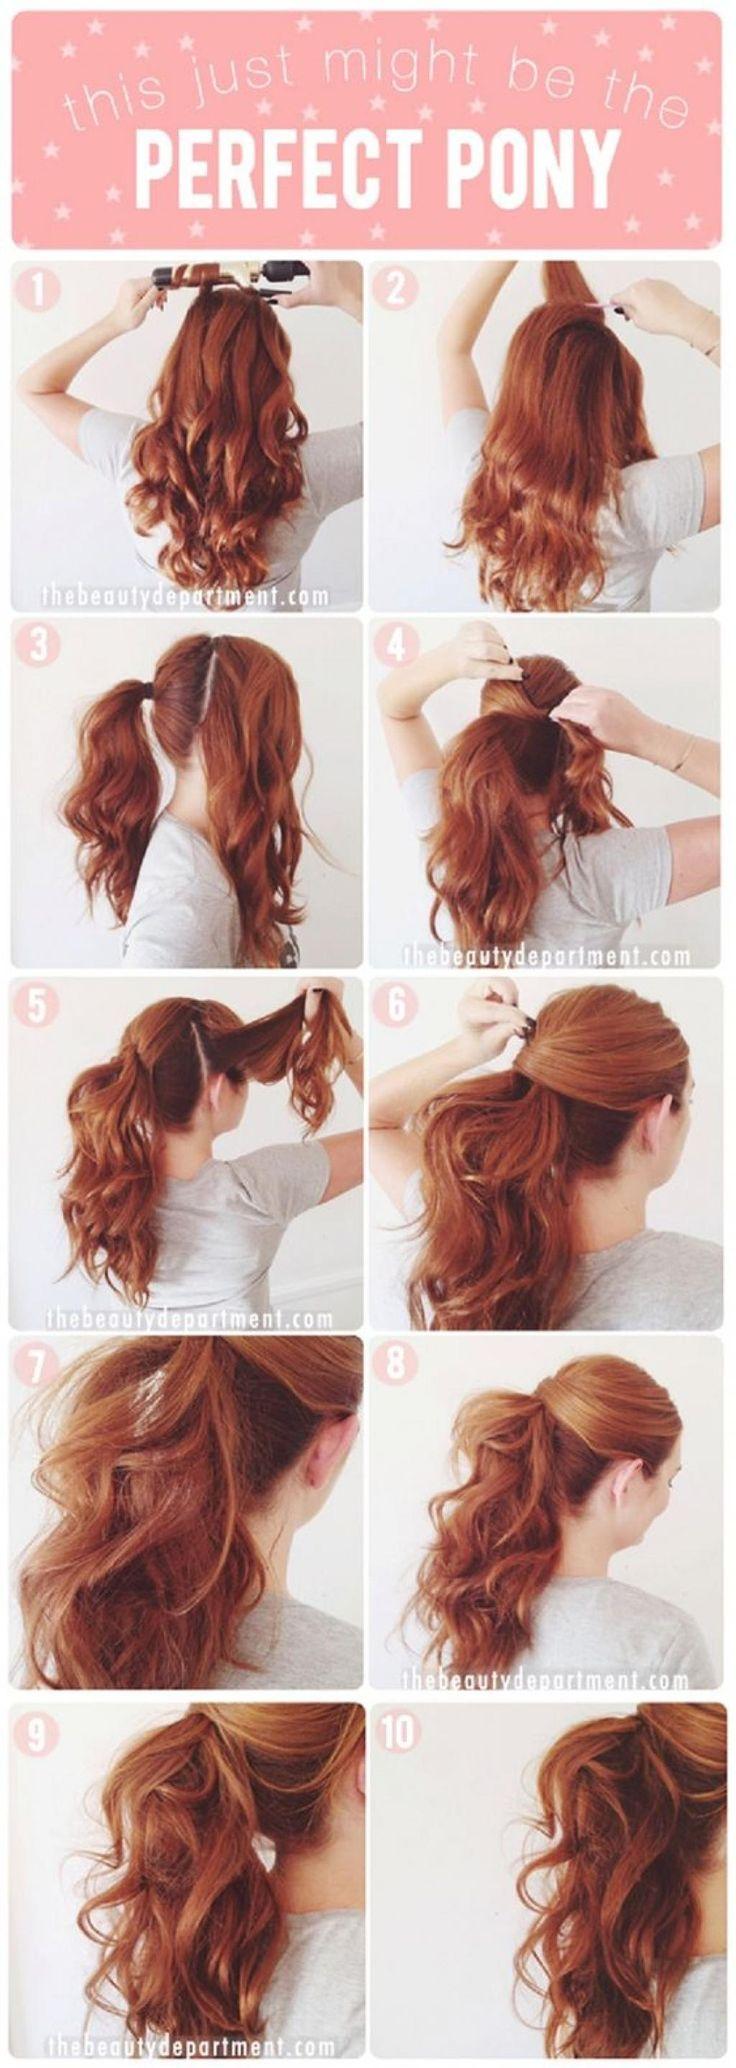 Nimm die Herausforderung an !! Ändere deine Frisur jeden Tag der Woche! Hier ist 7 tut …